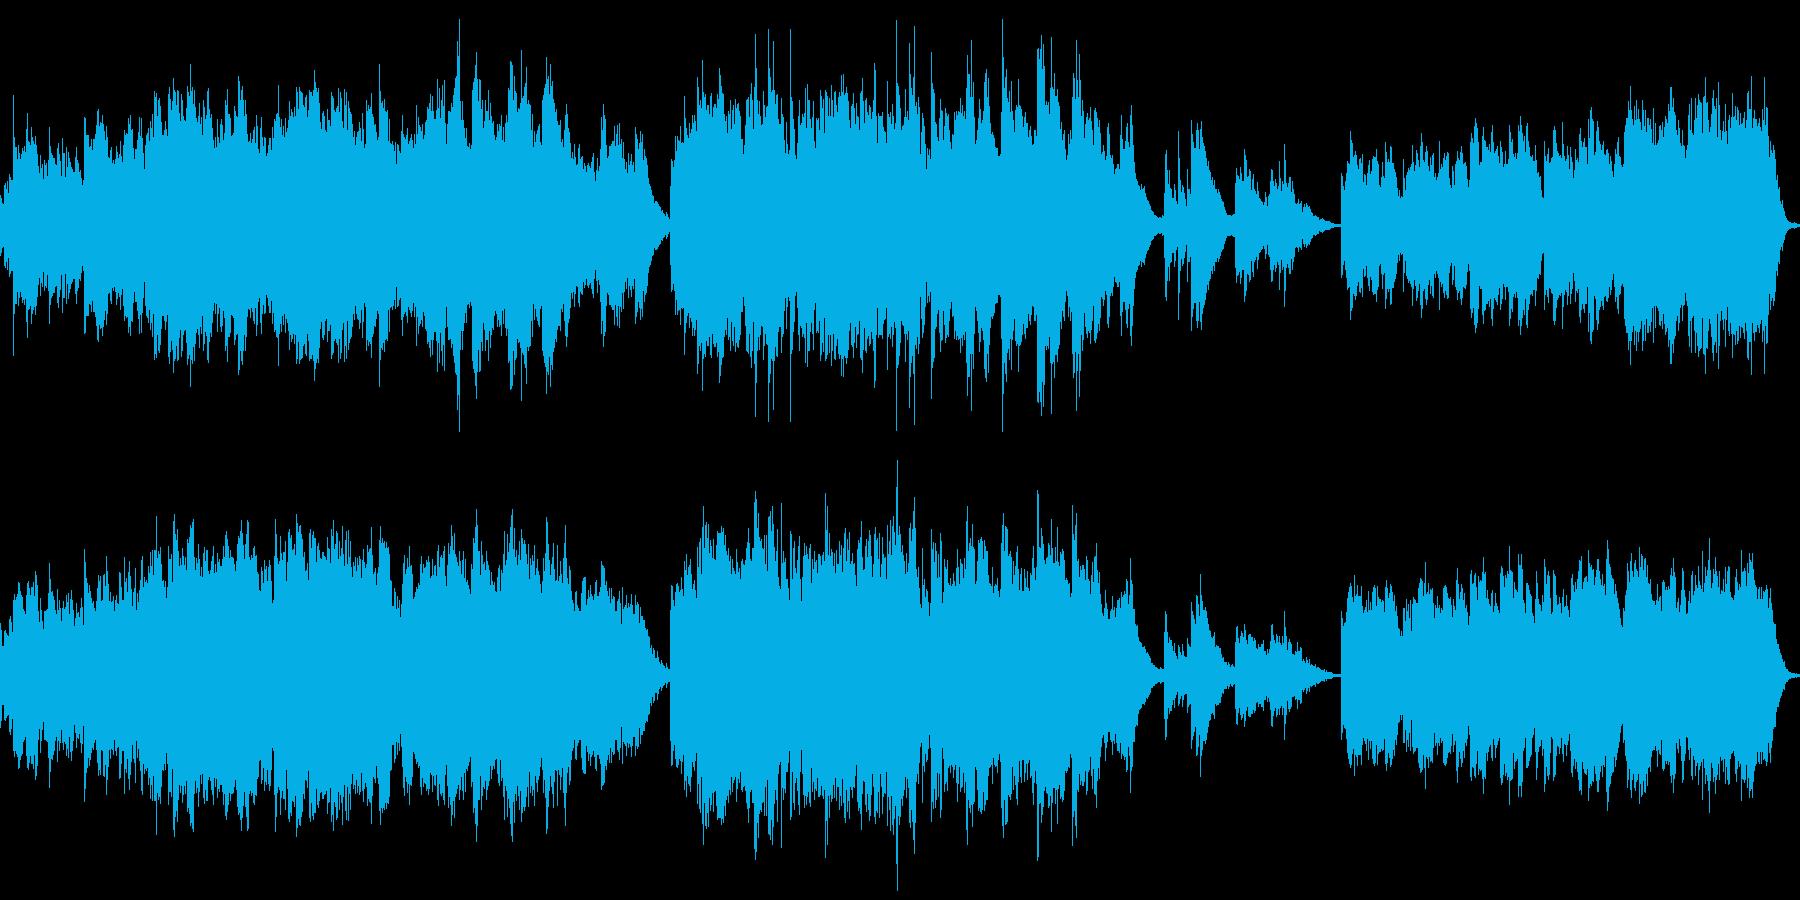 幻想的で不穏な曲(ループ)の再生済みの波形